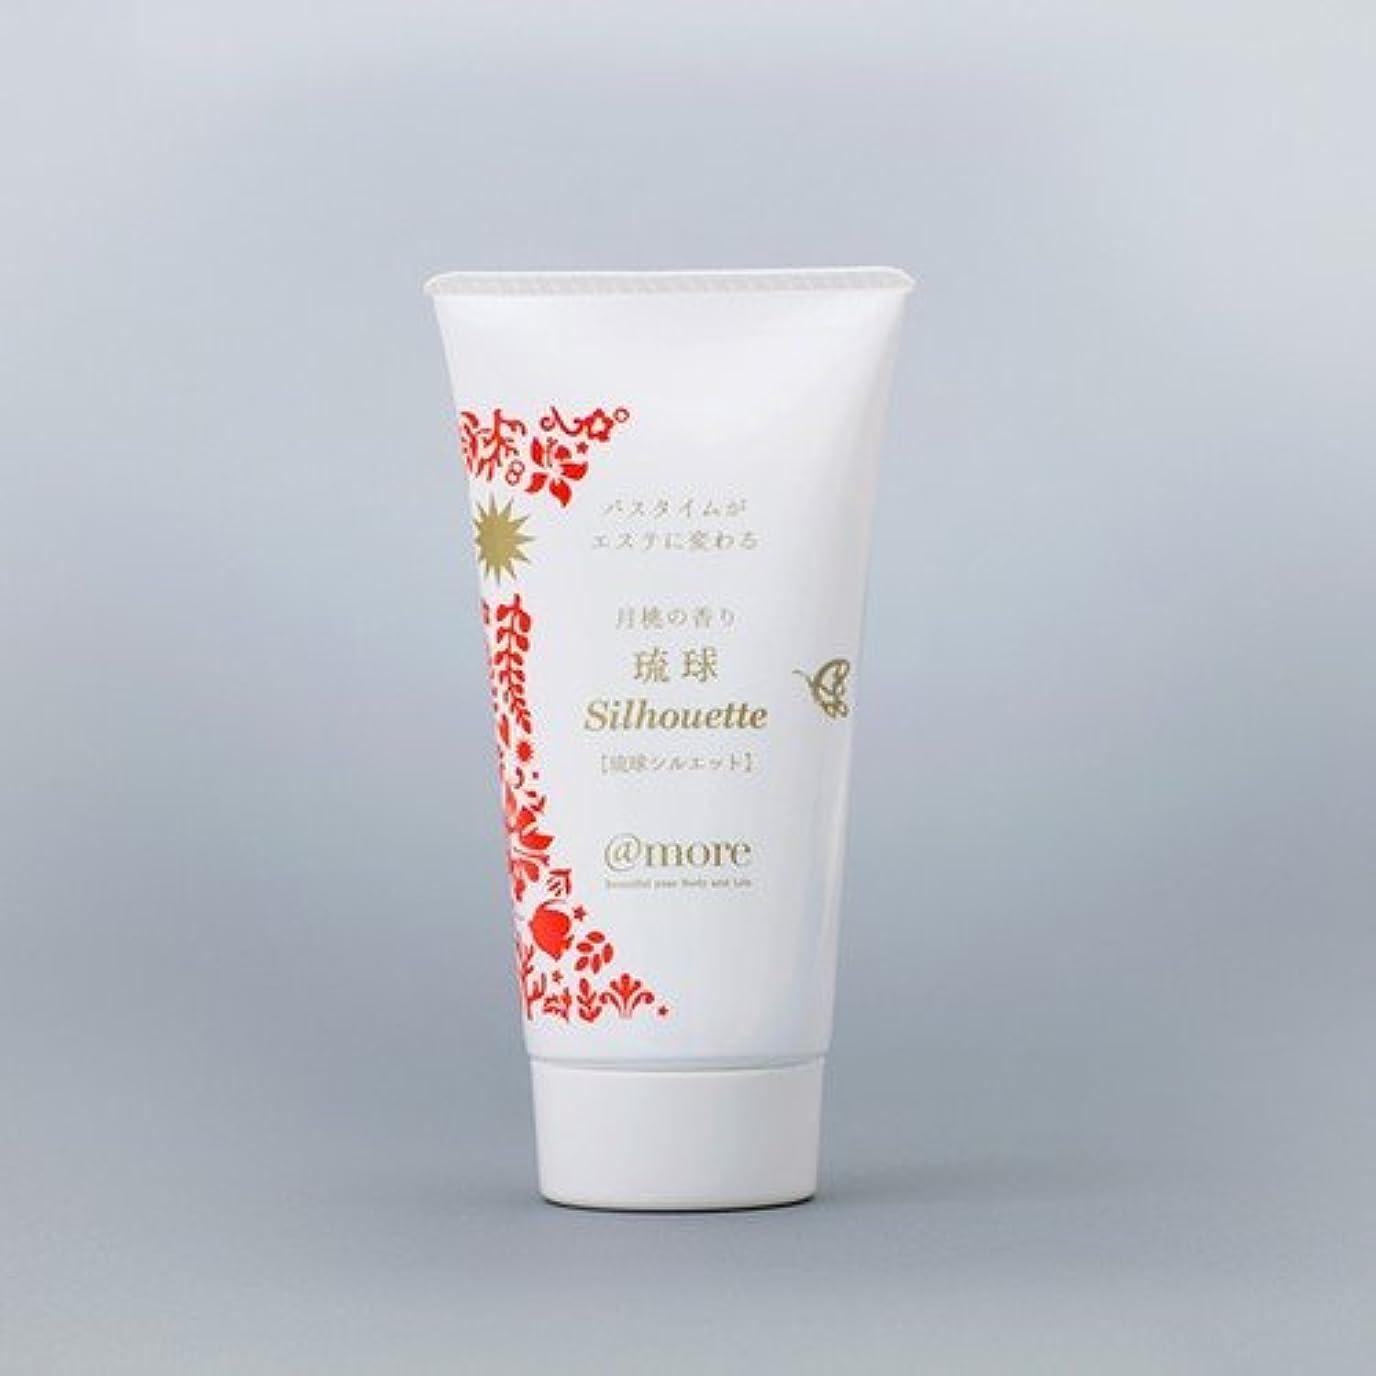 迷信差主観的月桃の香り 琉球シルエット ソルトソープ 100g